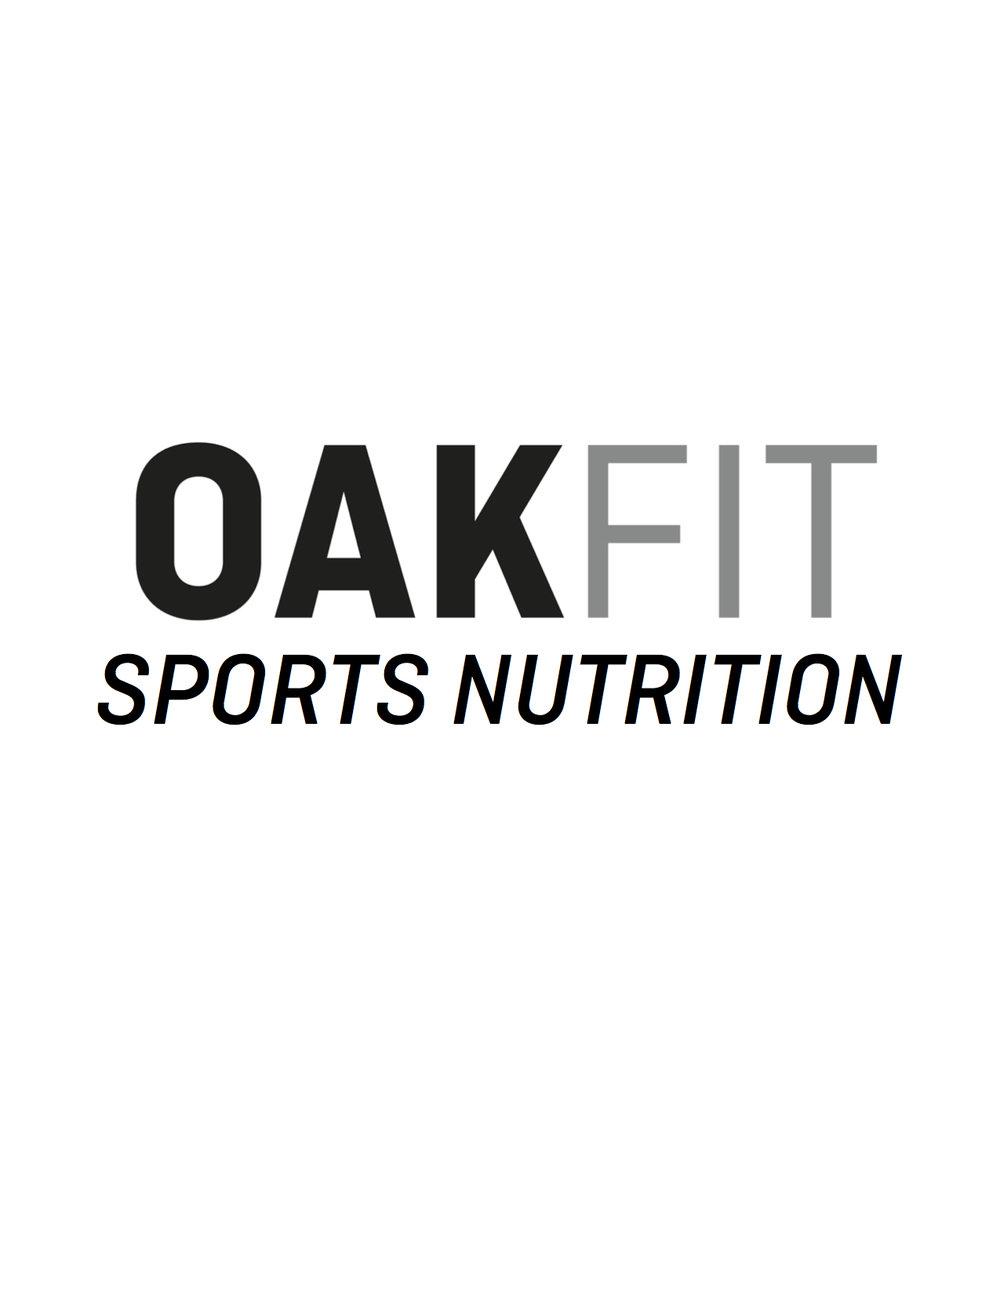 oakfit nutrition logo.jpg